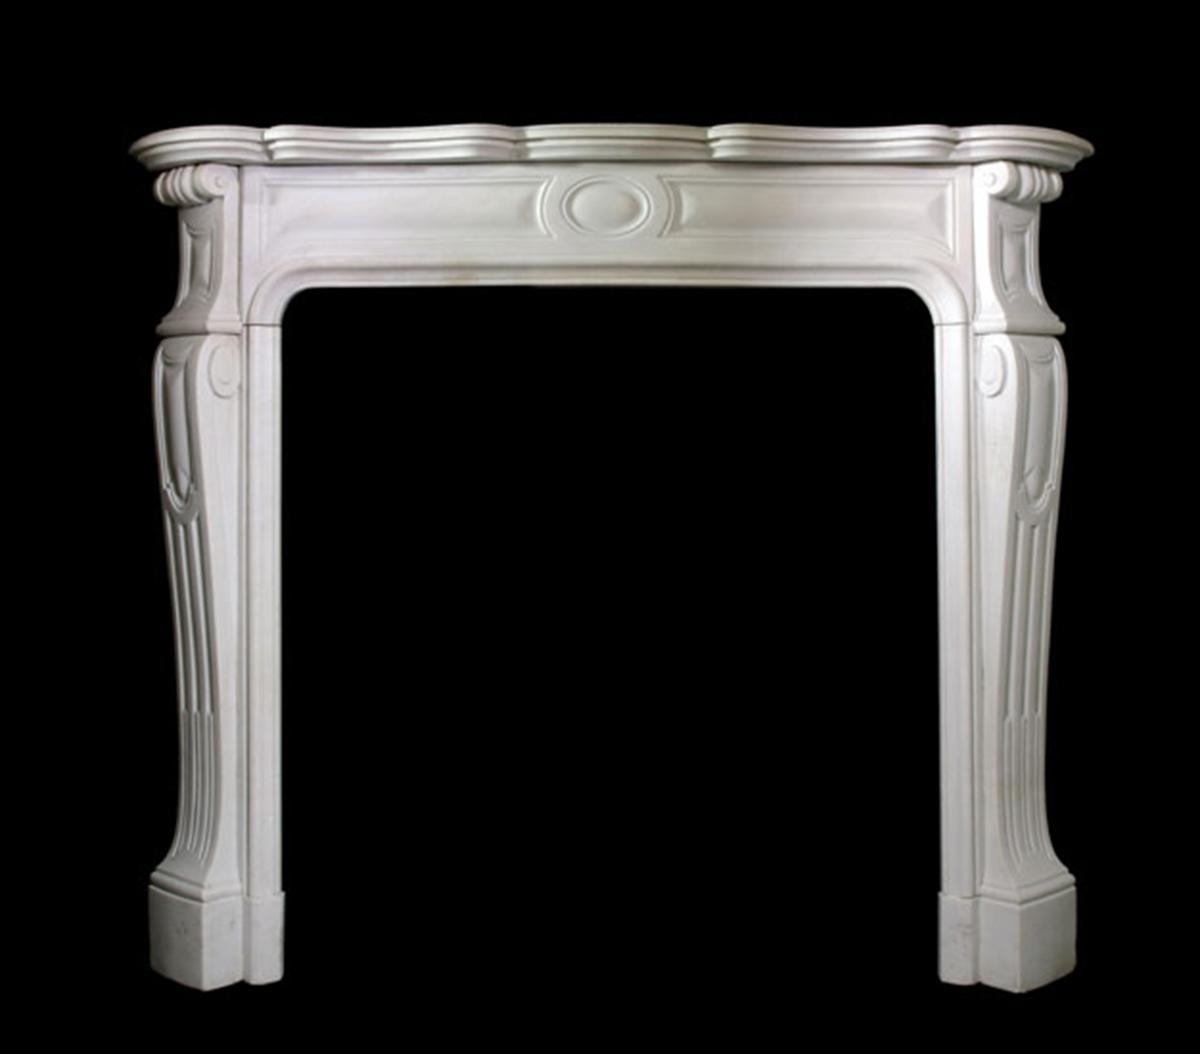 fr zb45 ph kamine. Black Bedroom Furniture Sets. Home Design Ideas